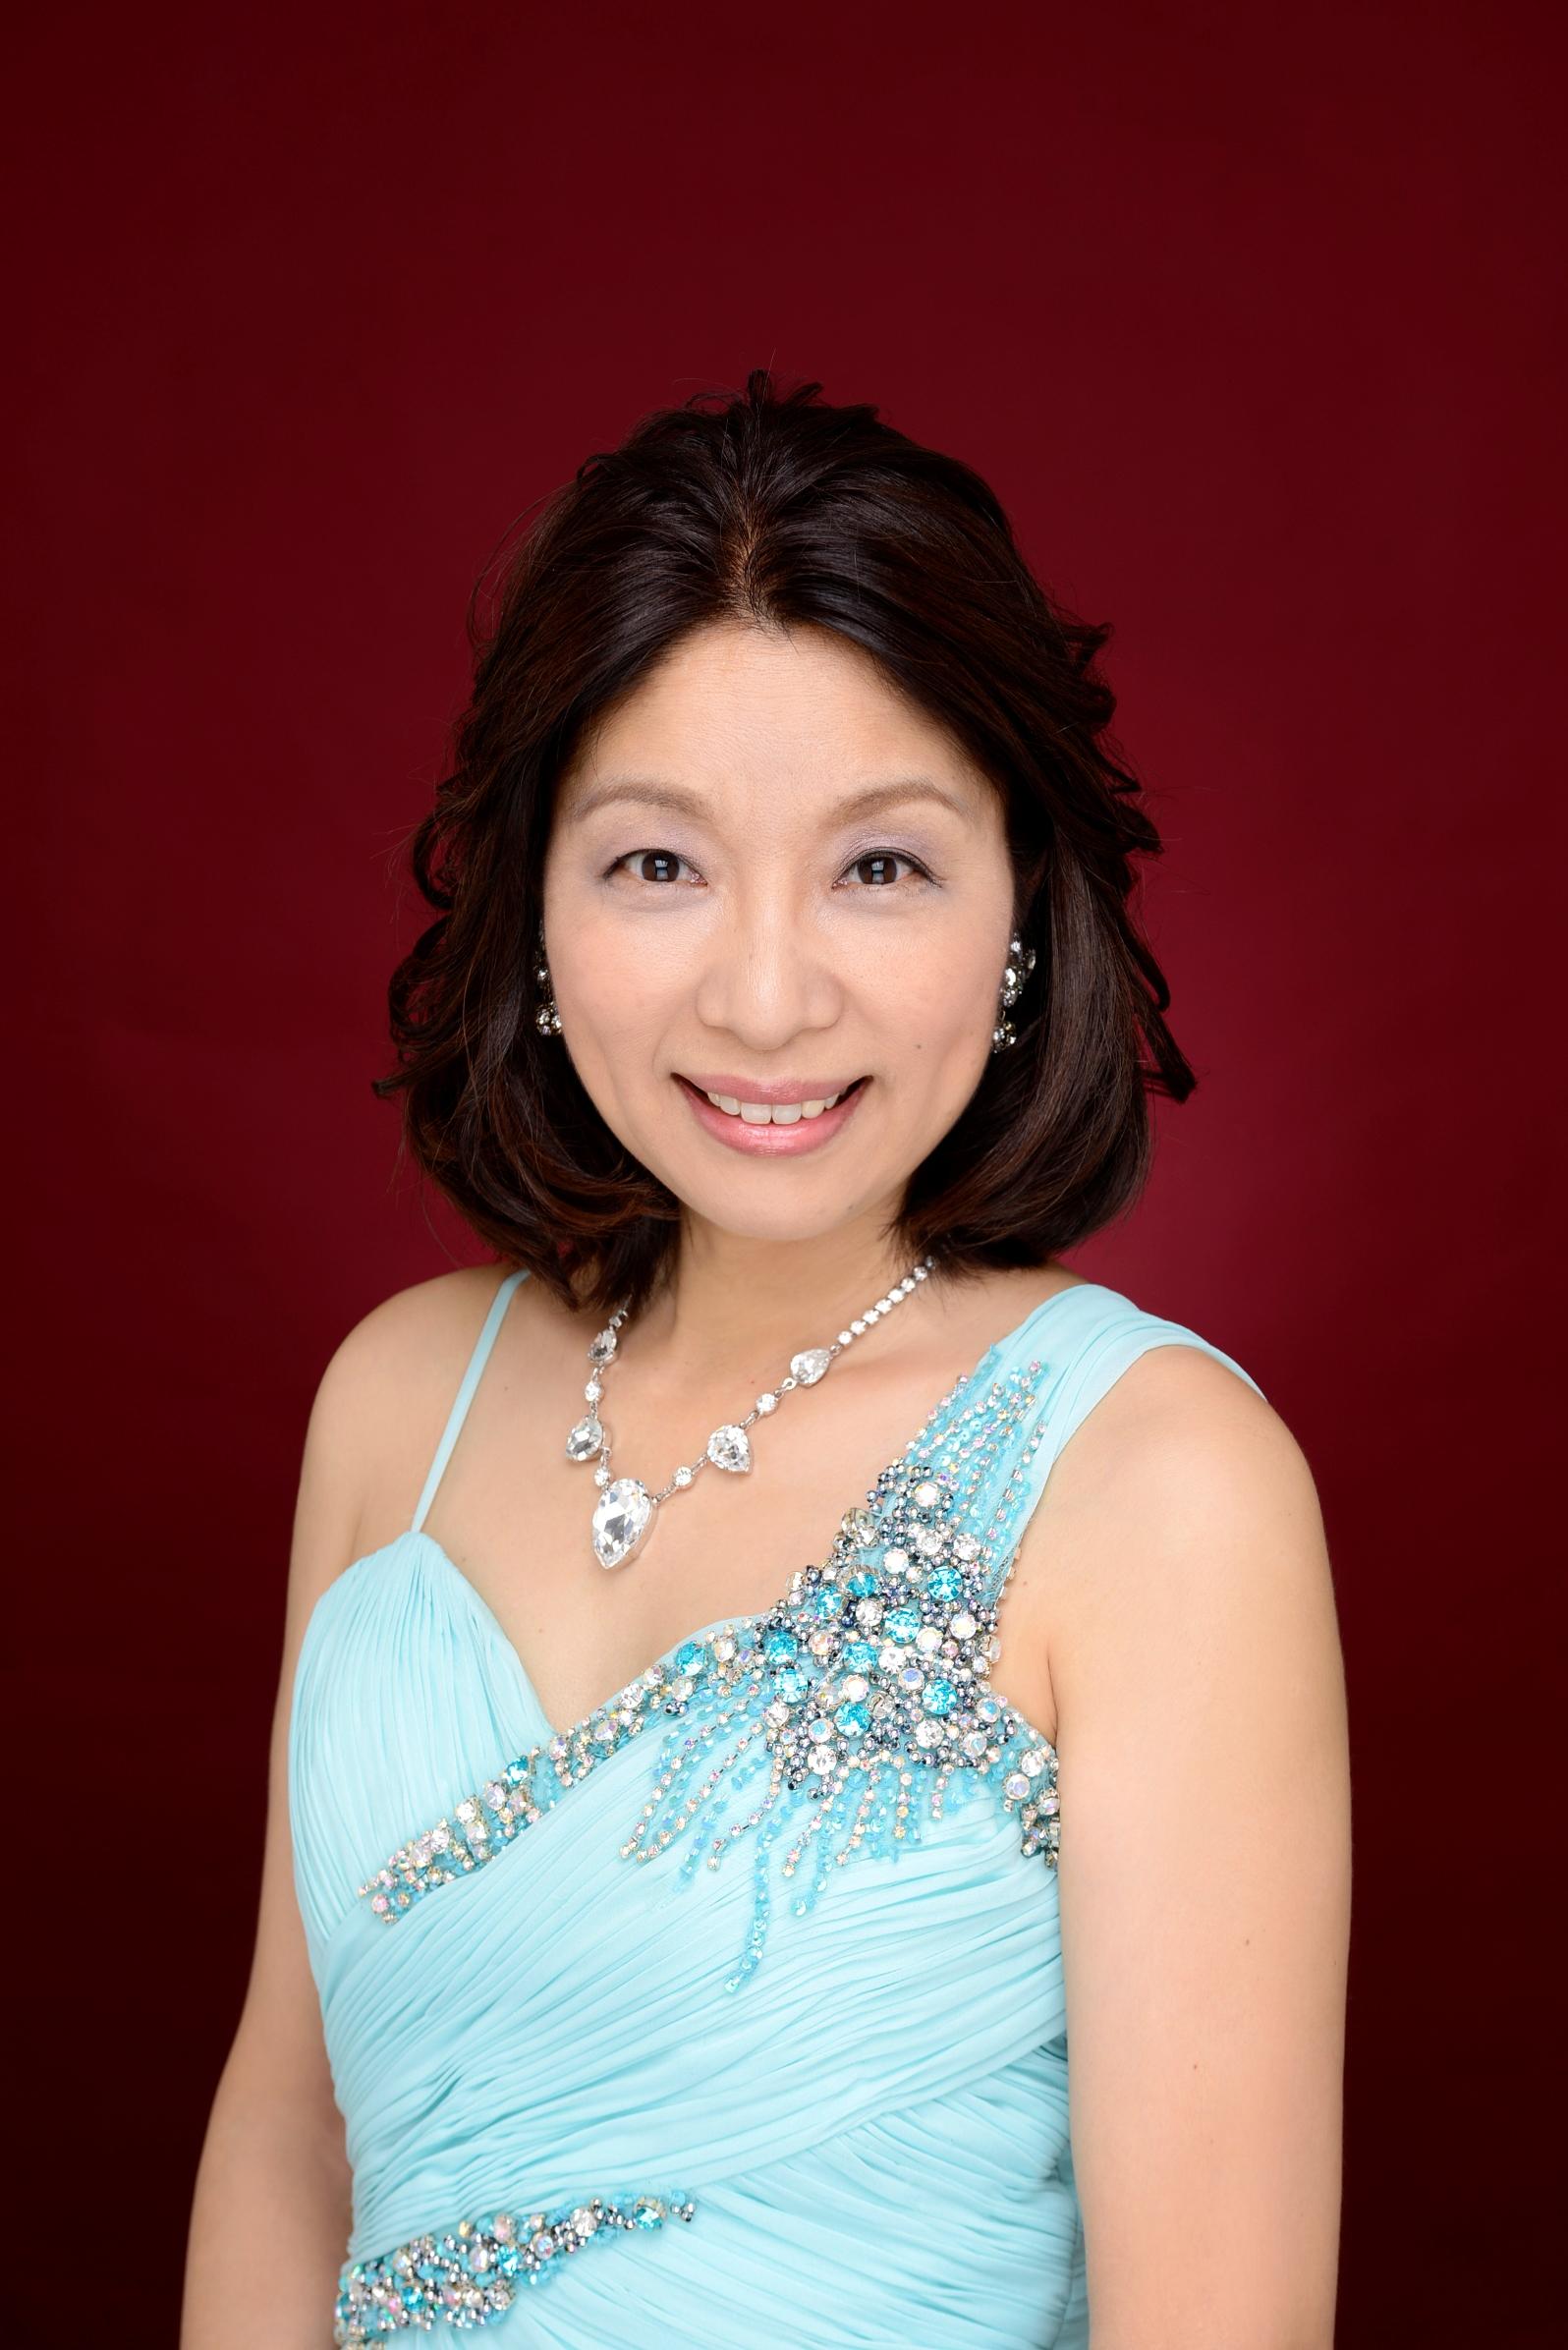 [オルビスホール情報]  2/16(日)13:00~ 田中紀子さん主宰ピアノ教室発表会「第36回 Piano Concert(ピアノ・コンサート)」開催!